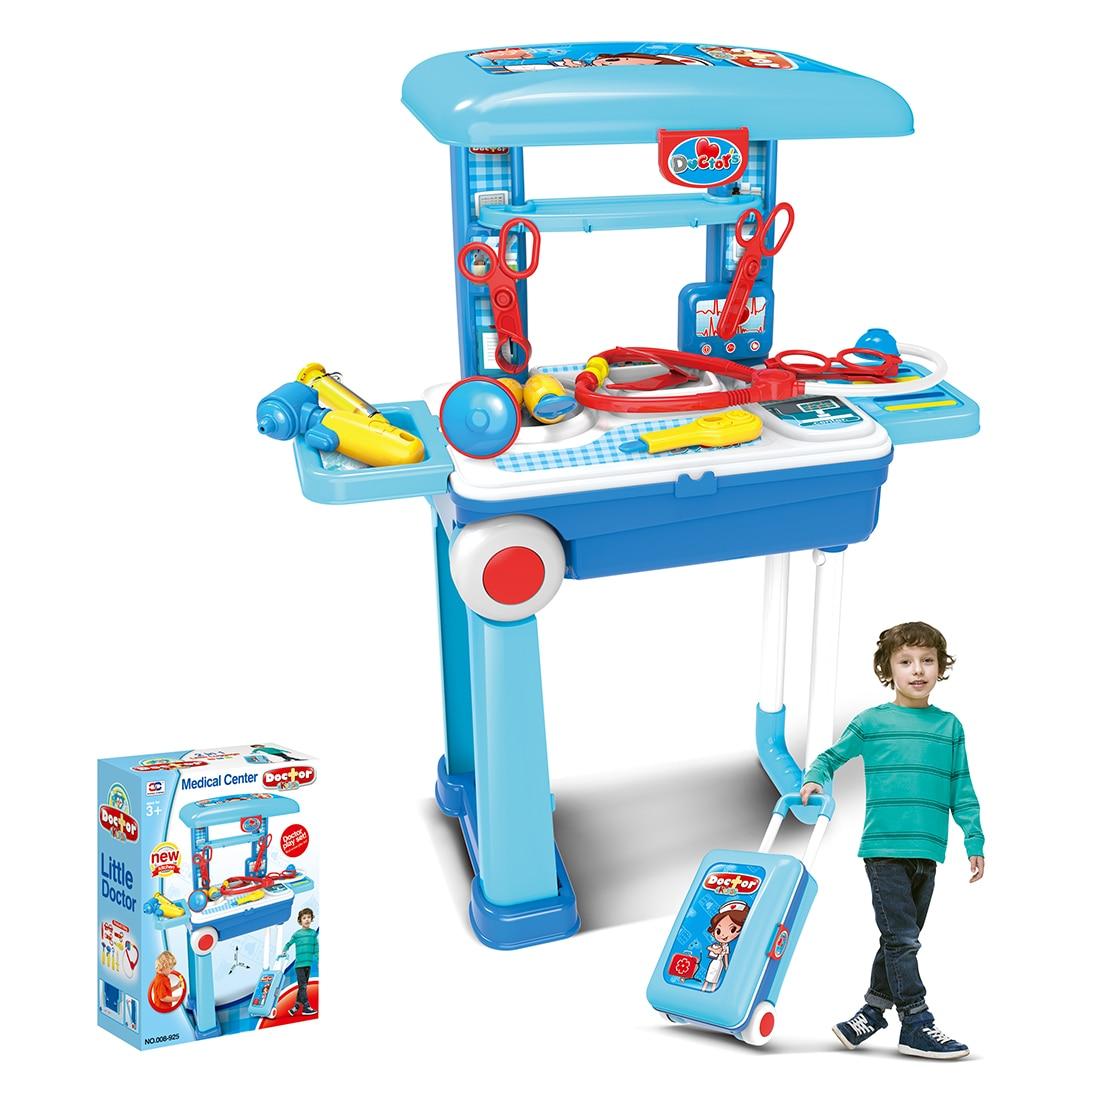 Enfants jouets drôles docteur jouer ensembles Simulation boîte à médicaments Pretent docteur jouets stéthoscope Injections avec organisateur de bagages nouveau